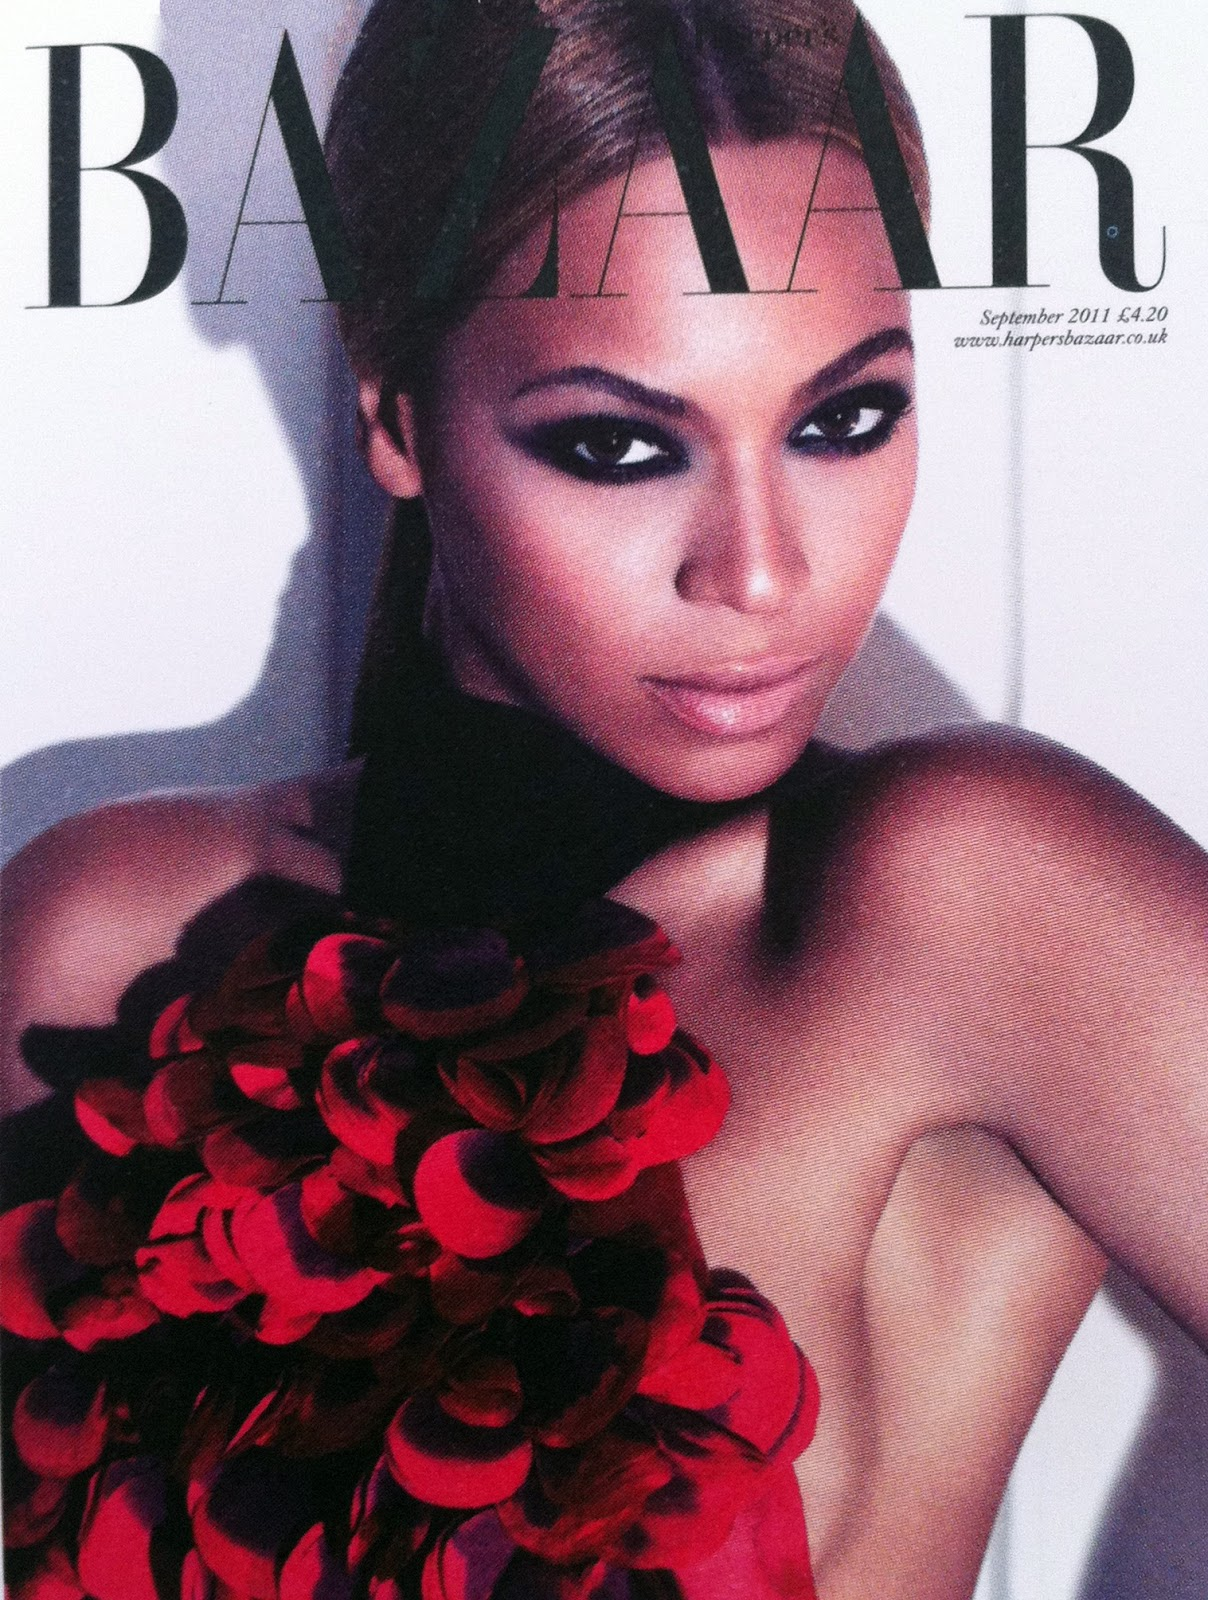 http://3.bp.blogspot.com/-B-hc33mXUyM/Tjmp6KrL6DI/AAAAAAAAcU4/8stO4Tyg9k4/s1600/UKBazaar_September_Beyonce_Alexi_Lubomirski2.jpg